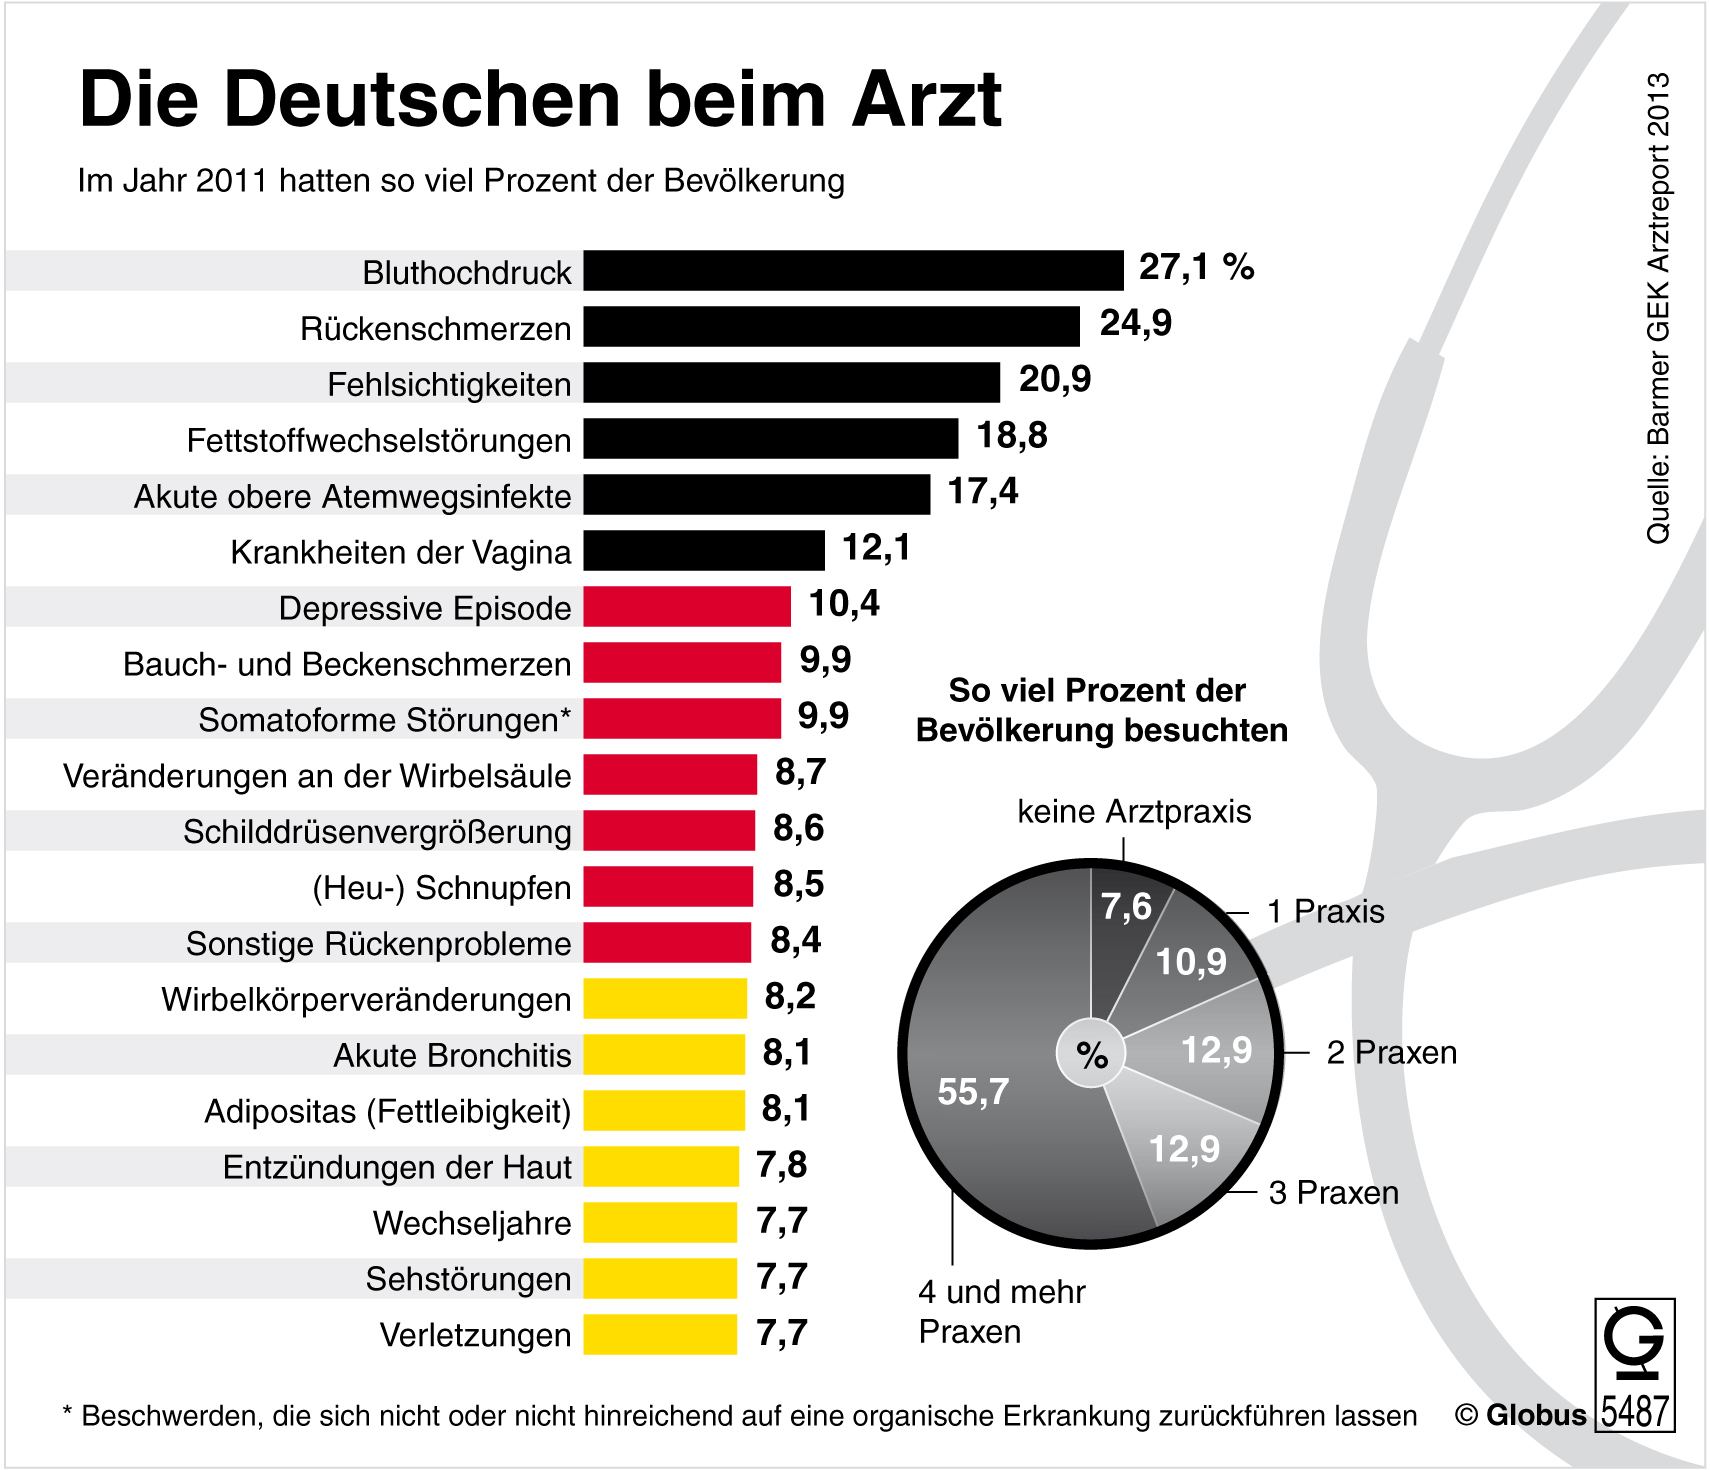 Die Deutschen beim Arzt (07.02.2013)